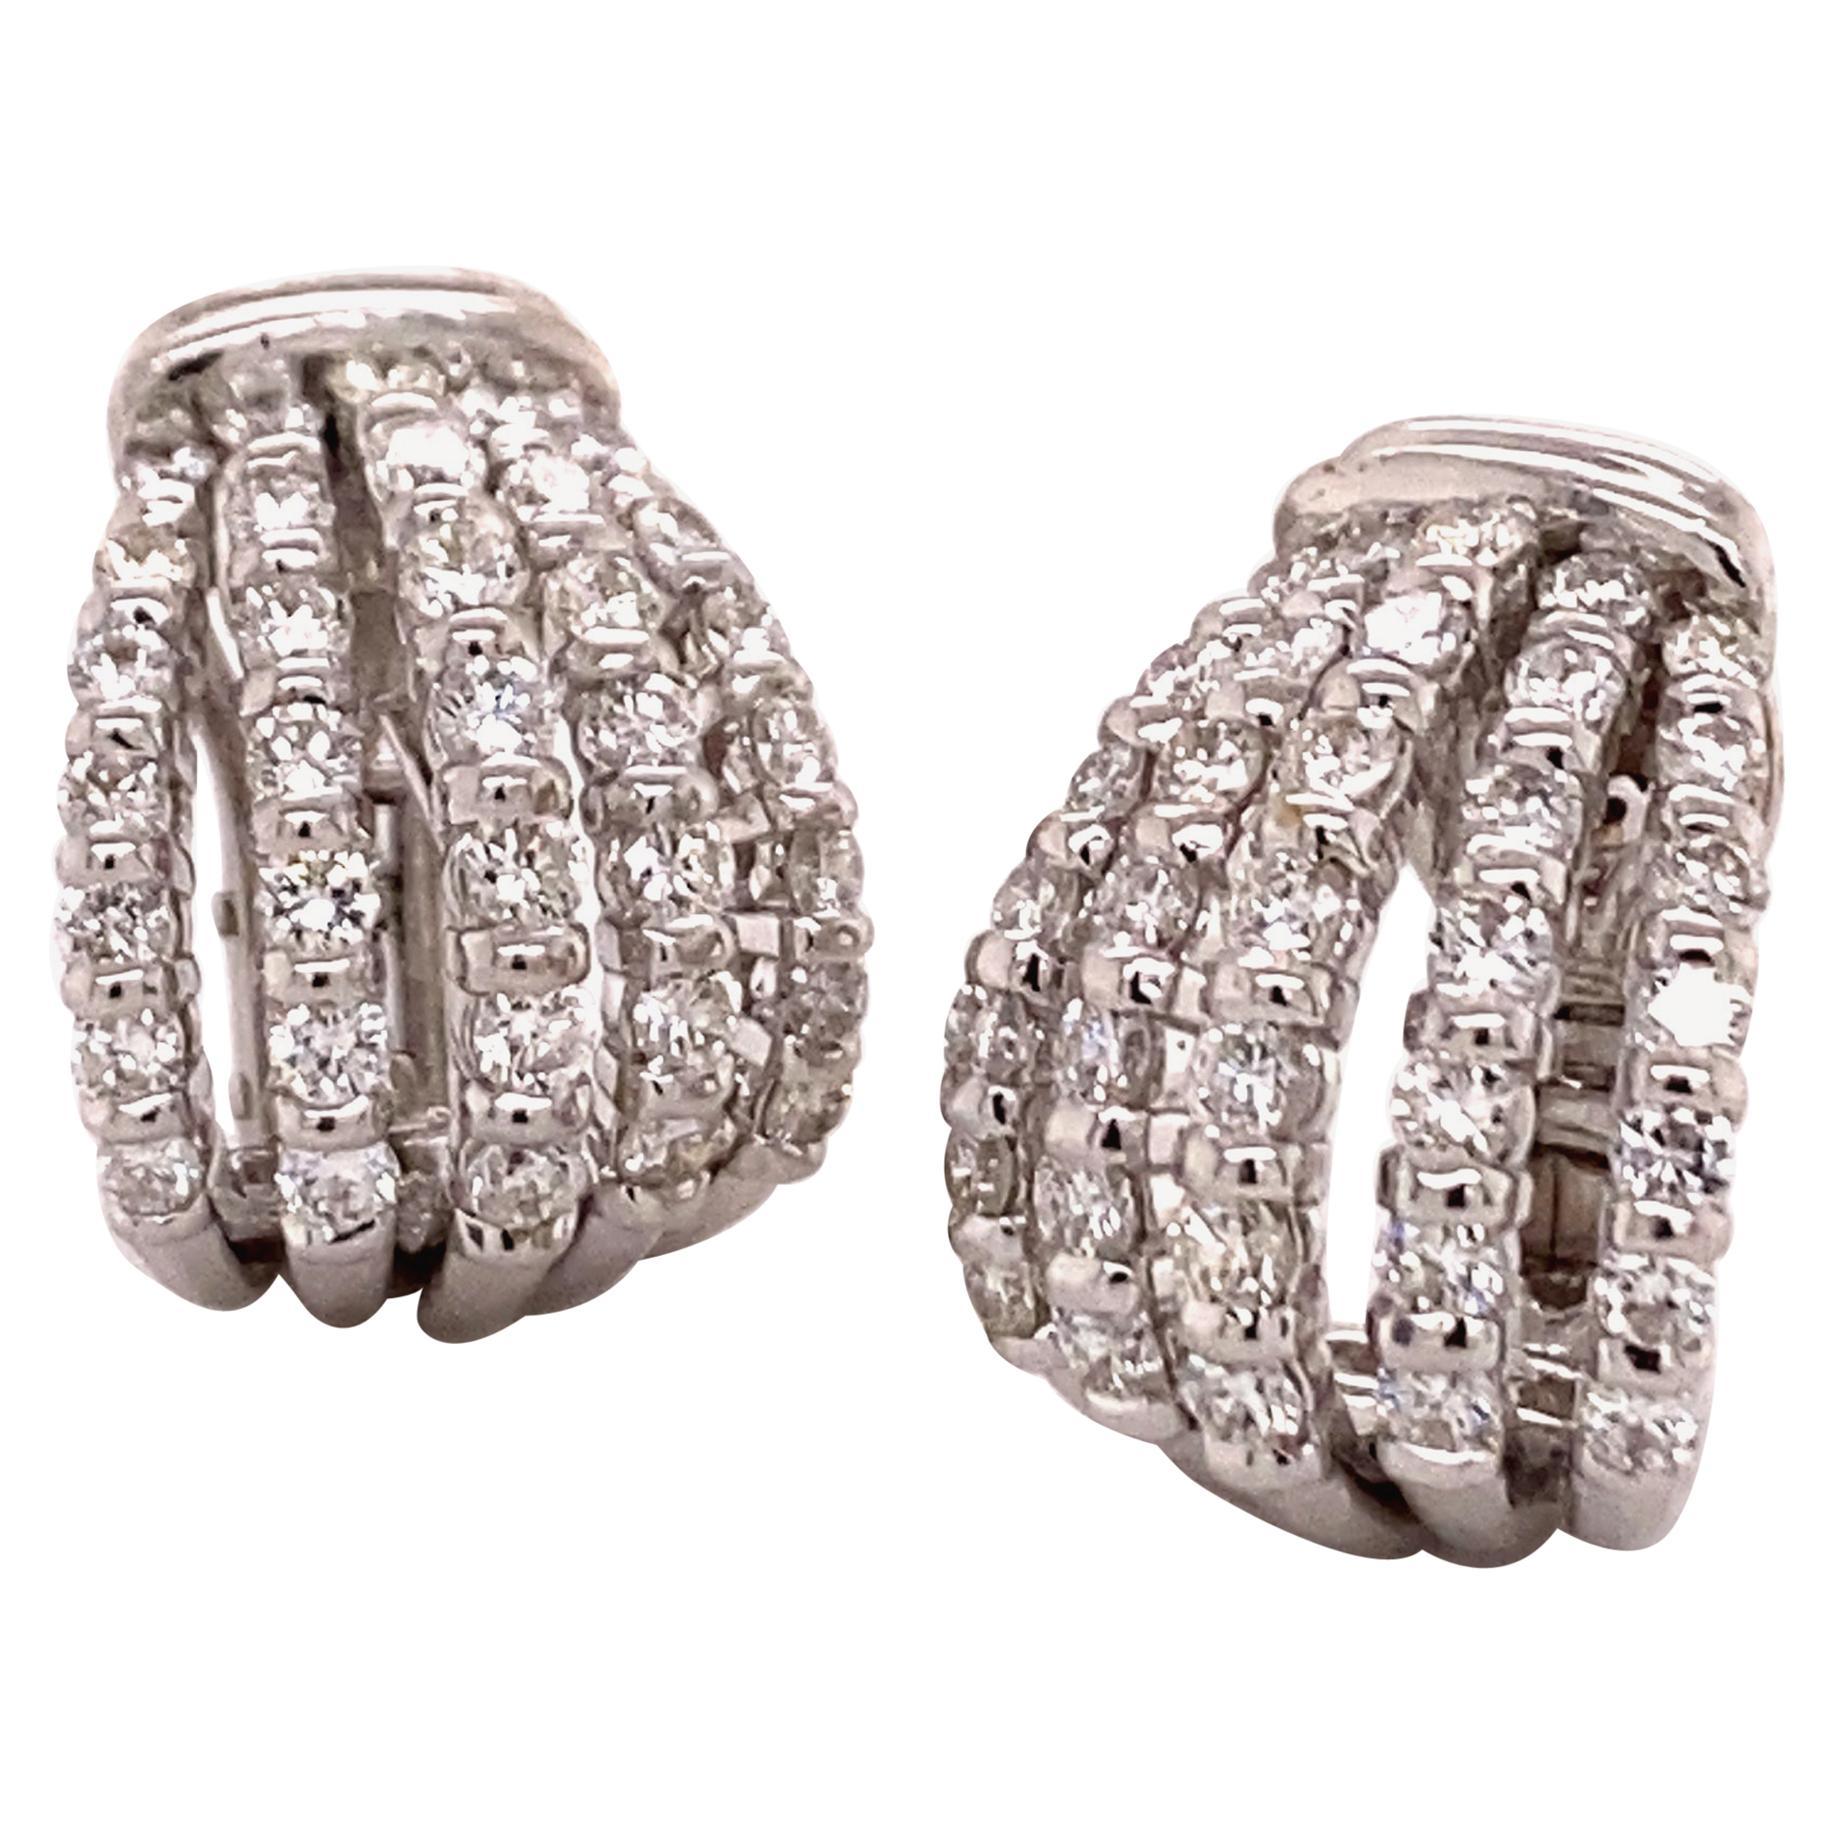 Elegant Pair of Diamond Earclips in 18 Karat White Gold